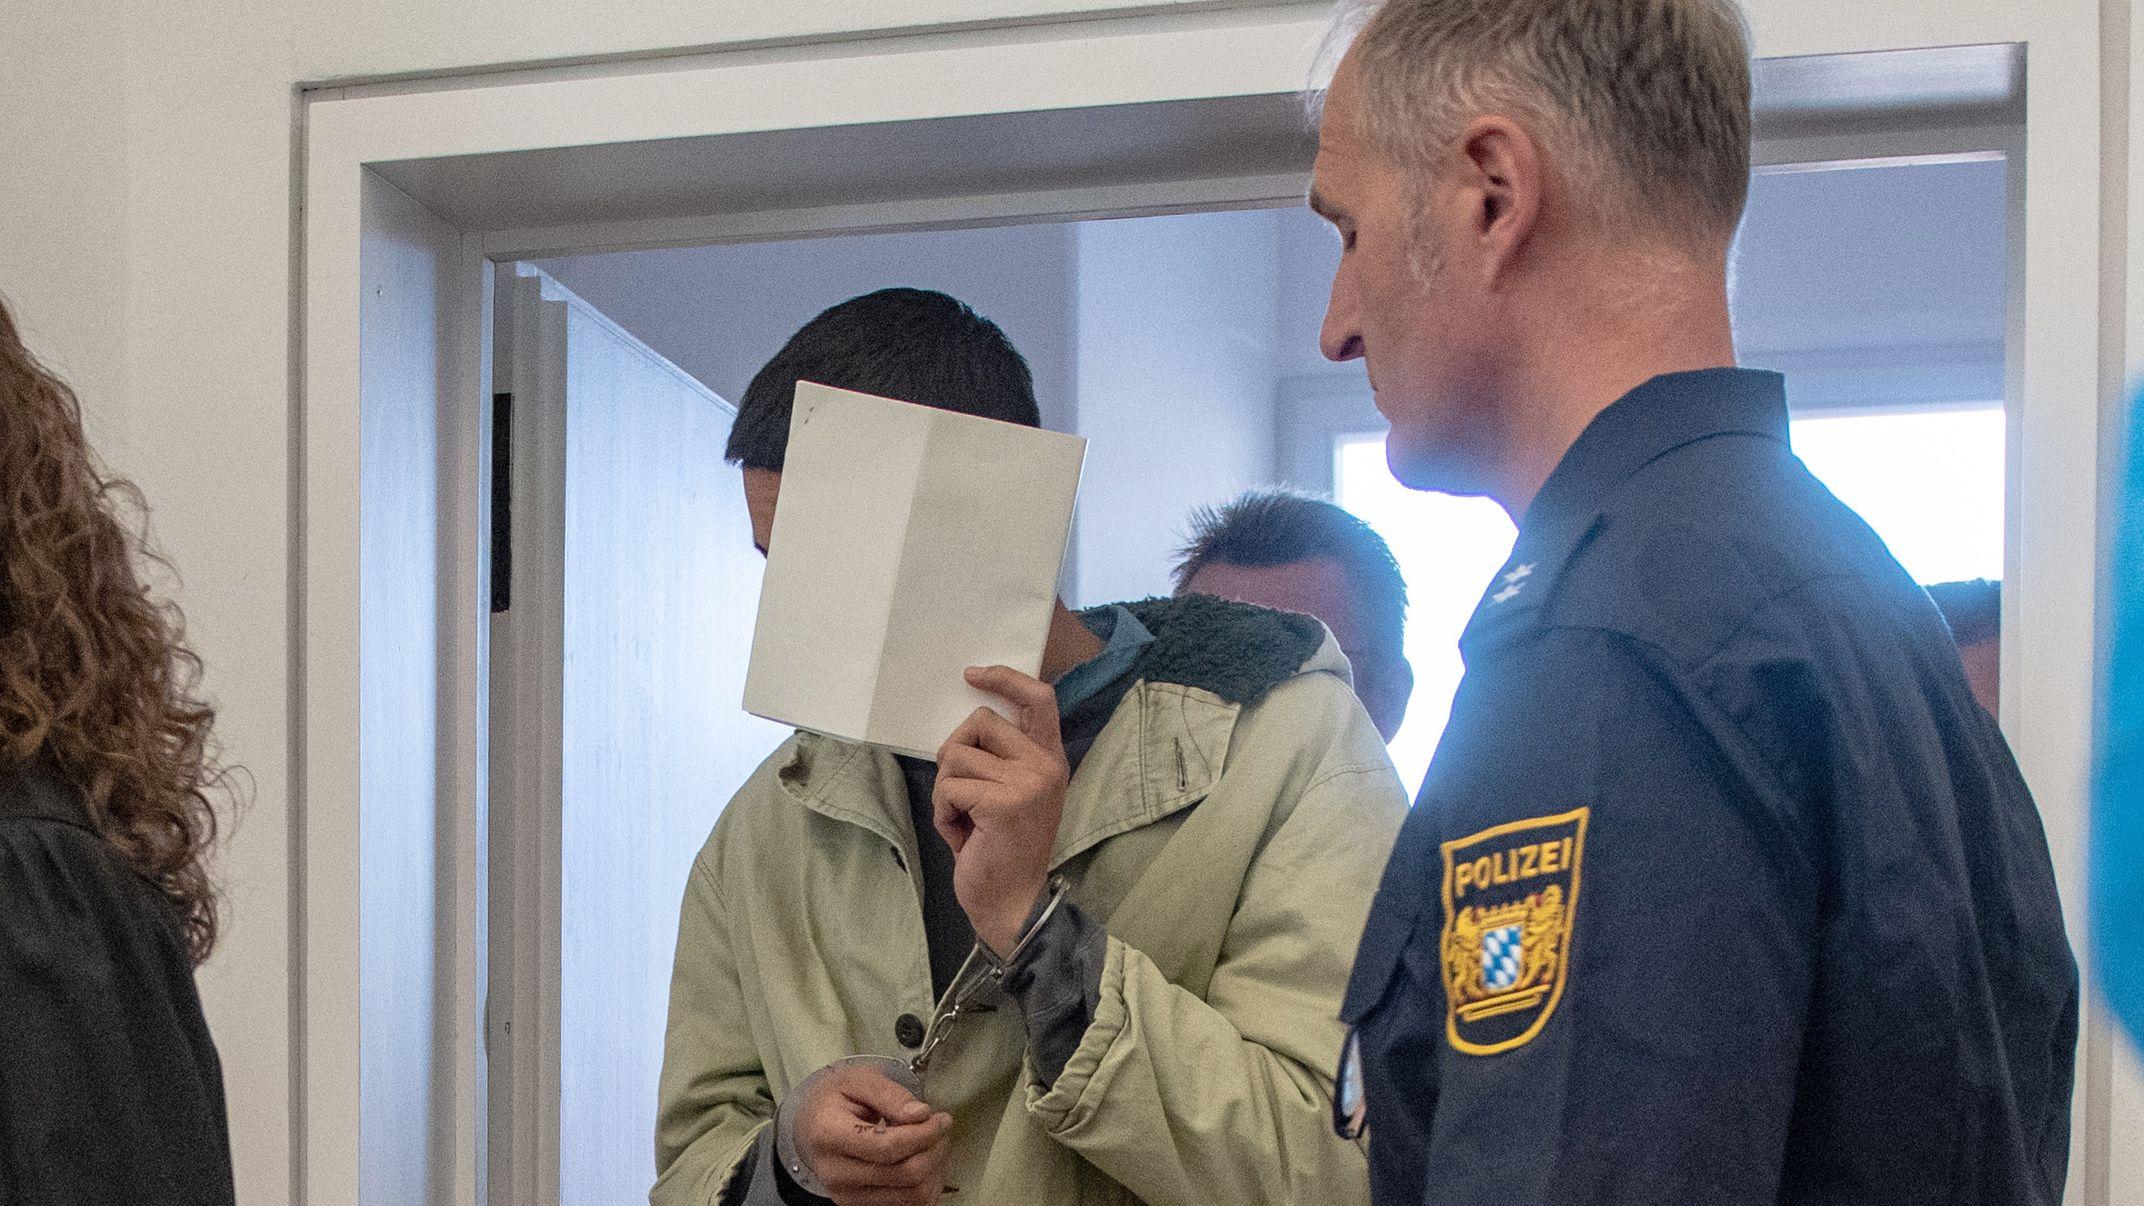 15 Menschen wurden bei den Amberger Prügelattacke verletzt. Heute wird der Prozess gegen die vier mutmaßlichen Täter fortgesetzt.